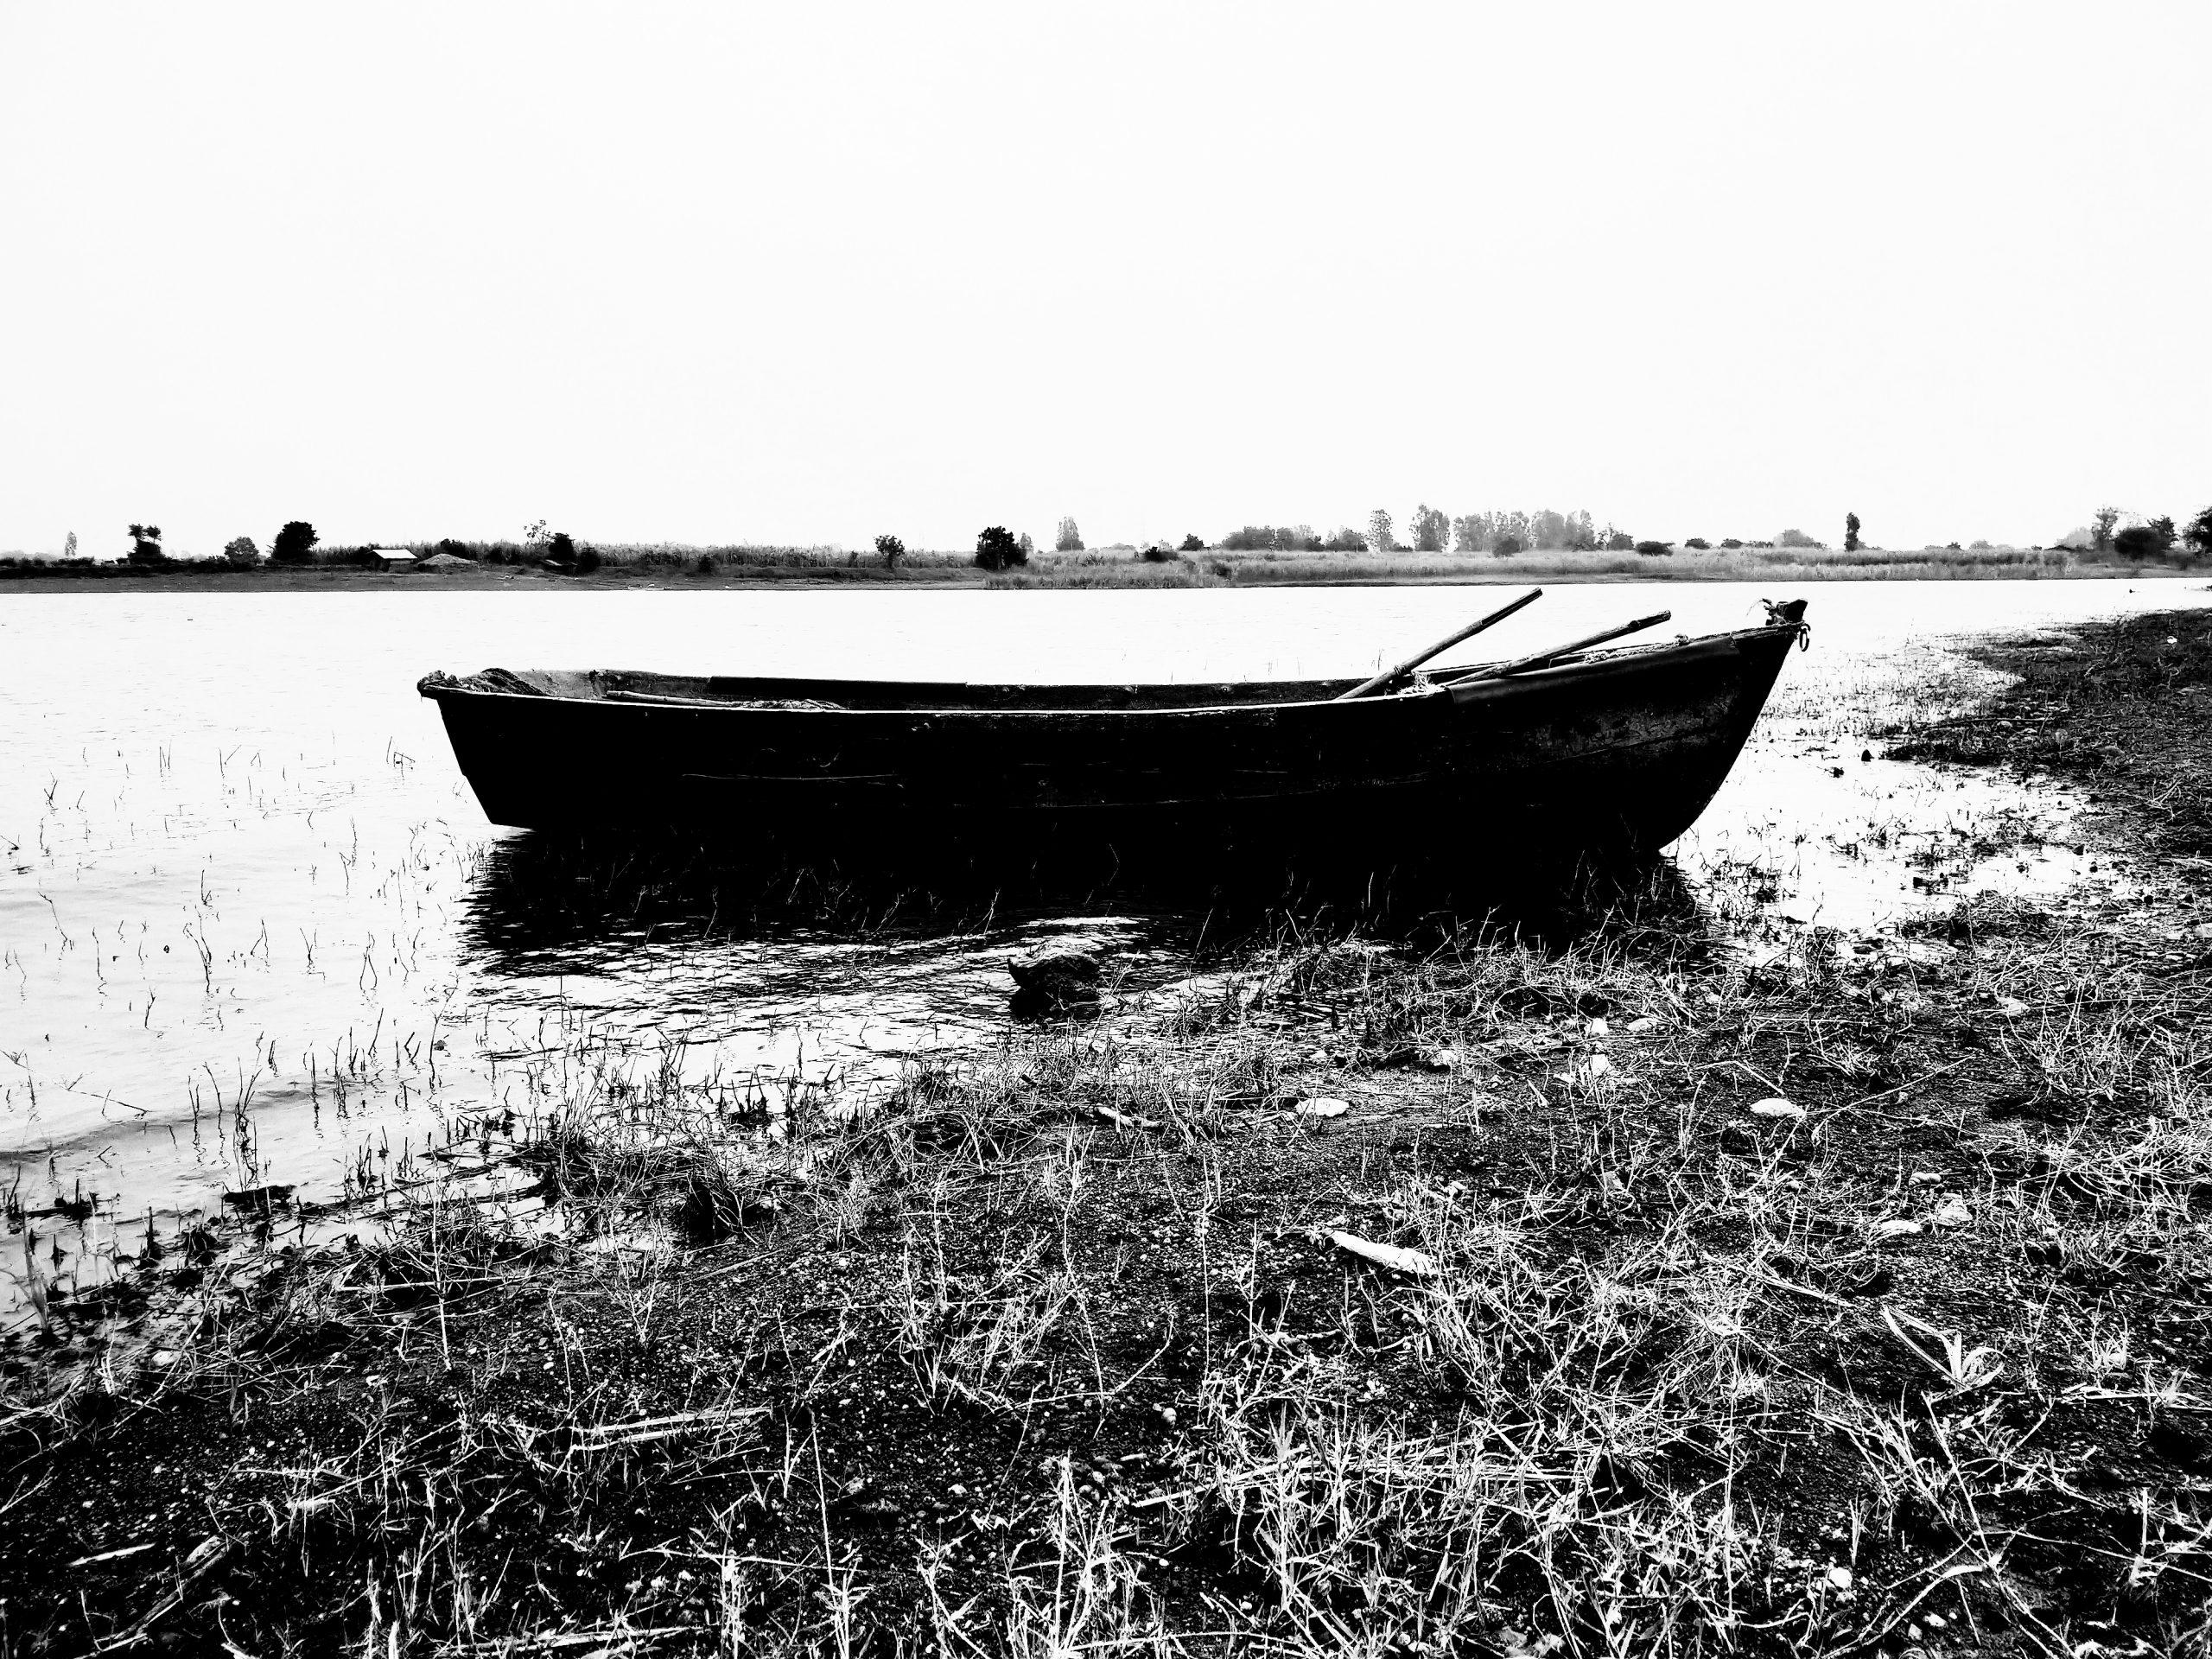 A boat at a shore